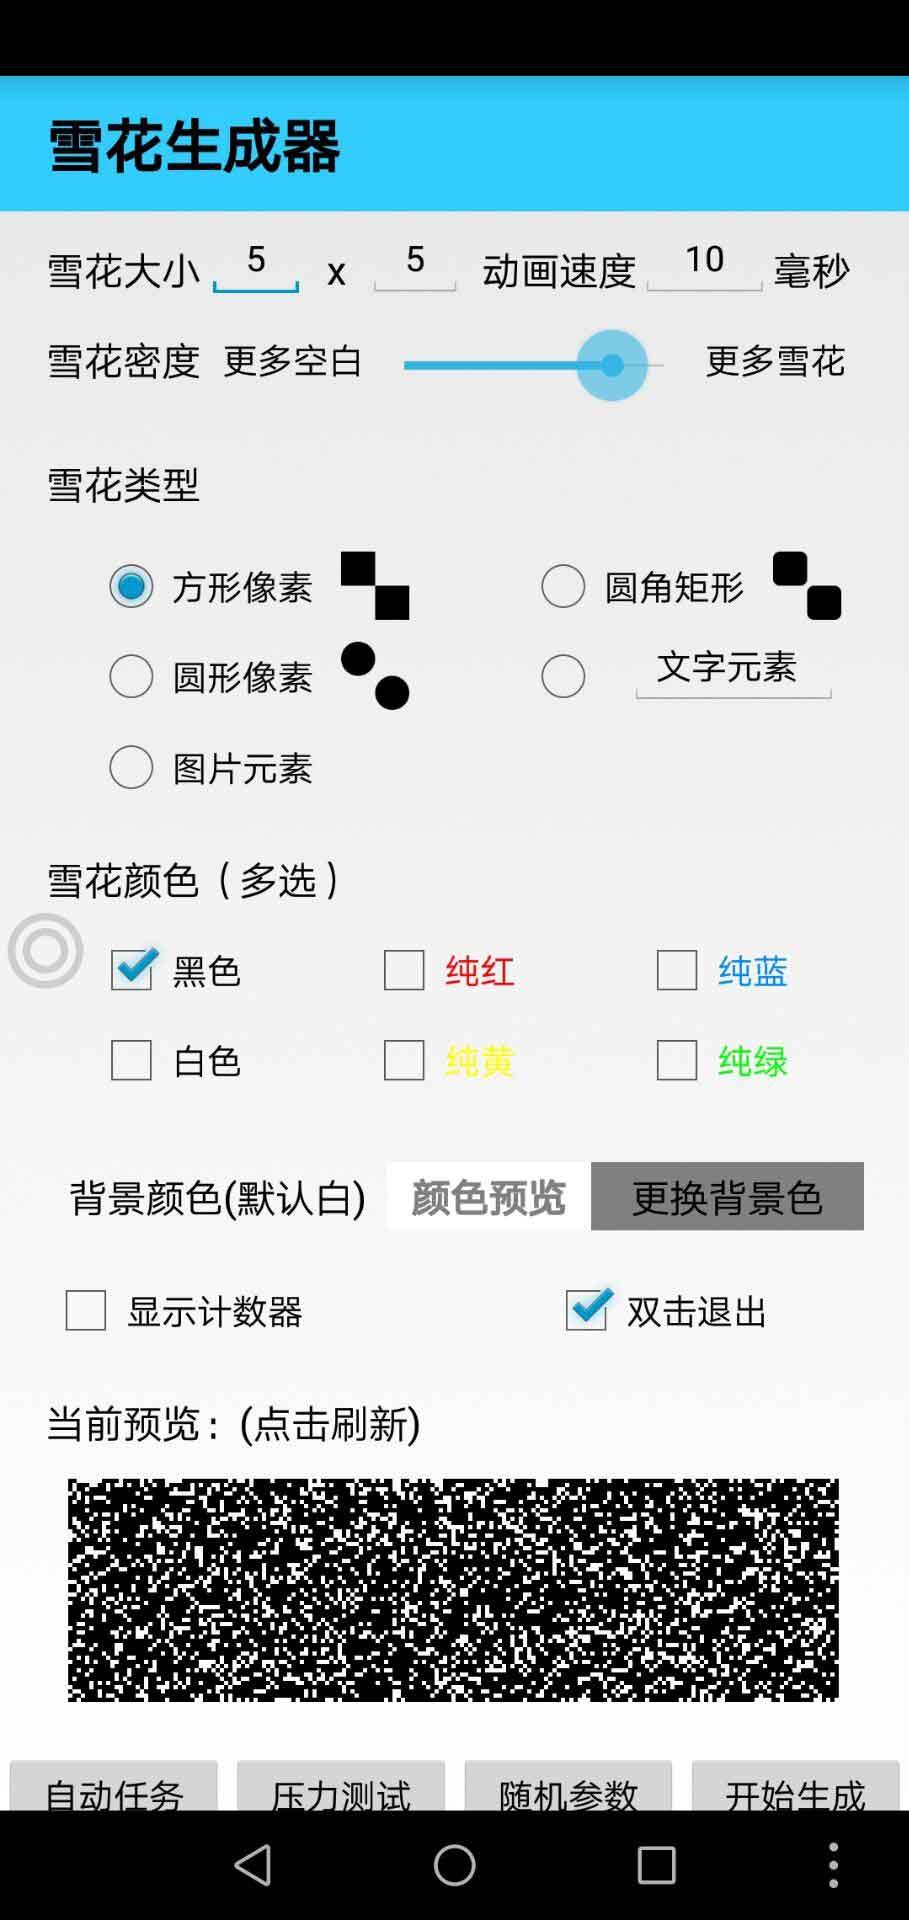 【资源分享】雪花生成器(恶搞一刻,其乐无穷)-爱小助